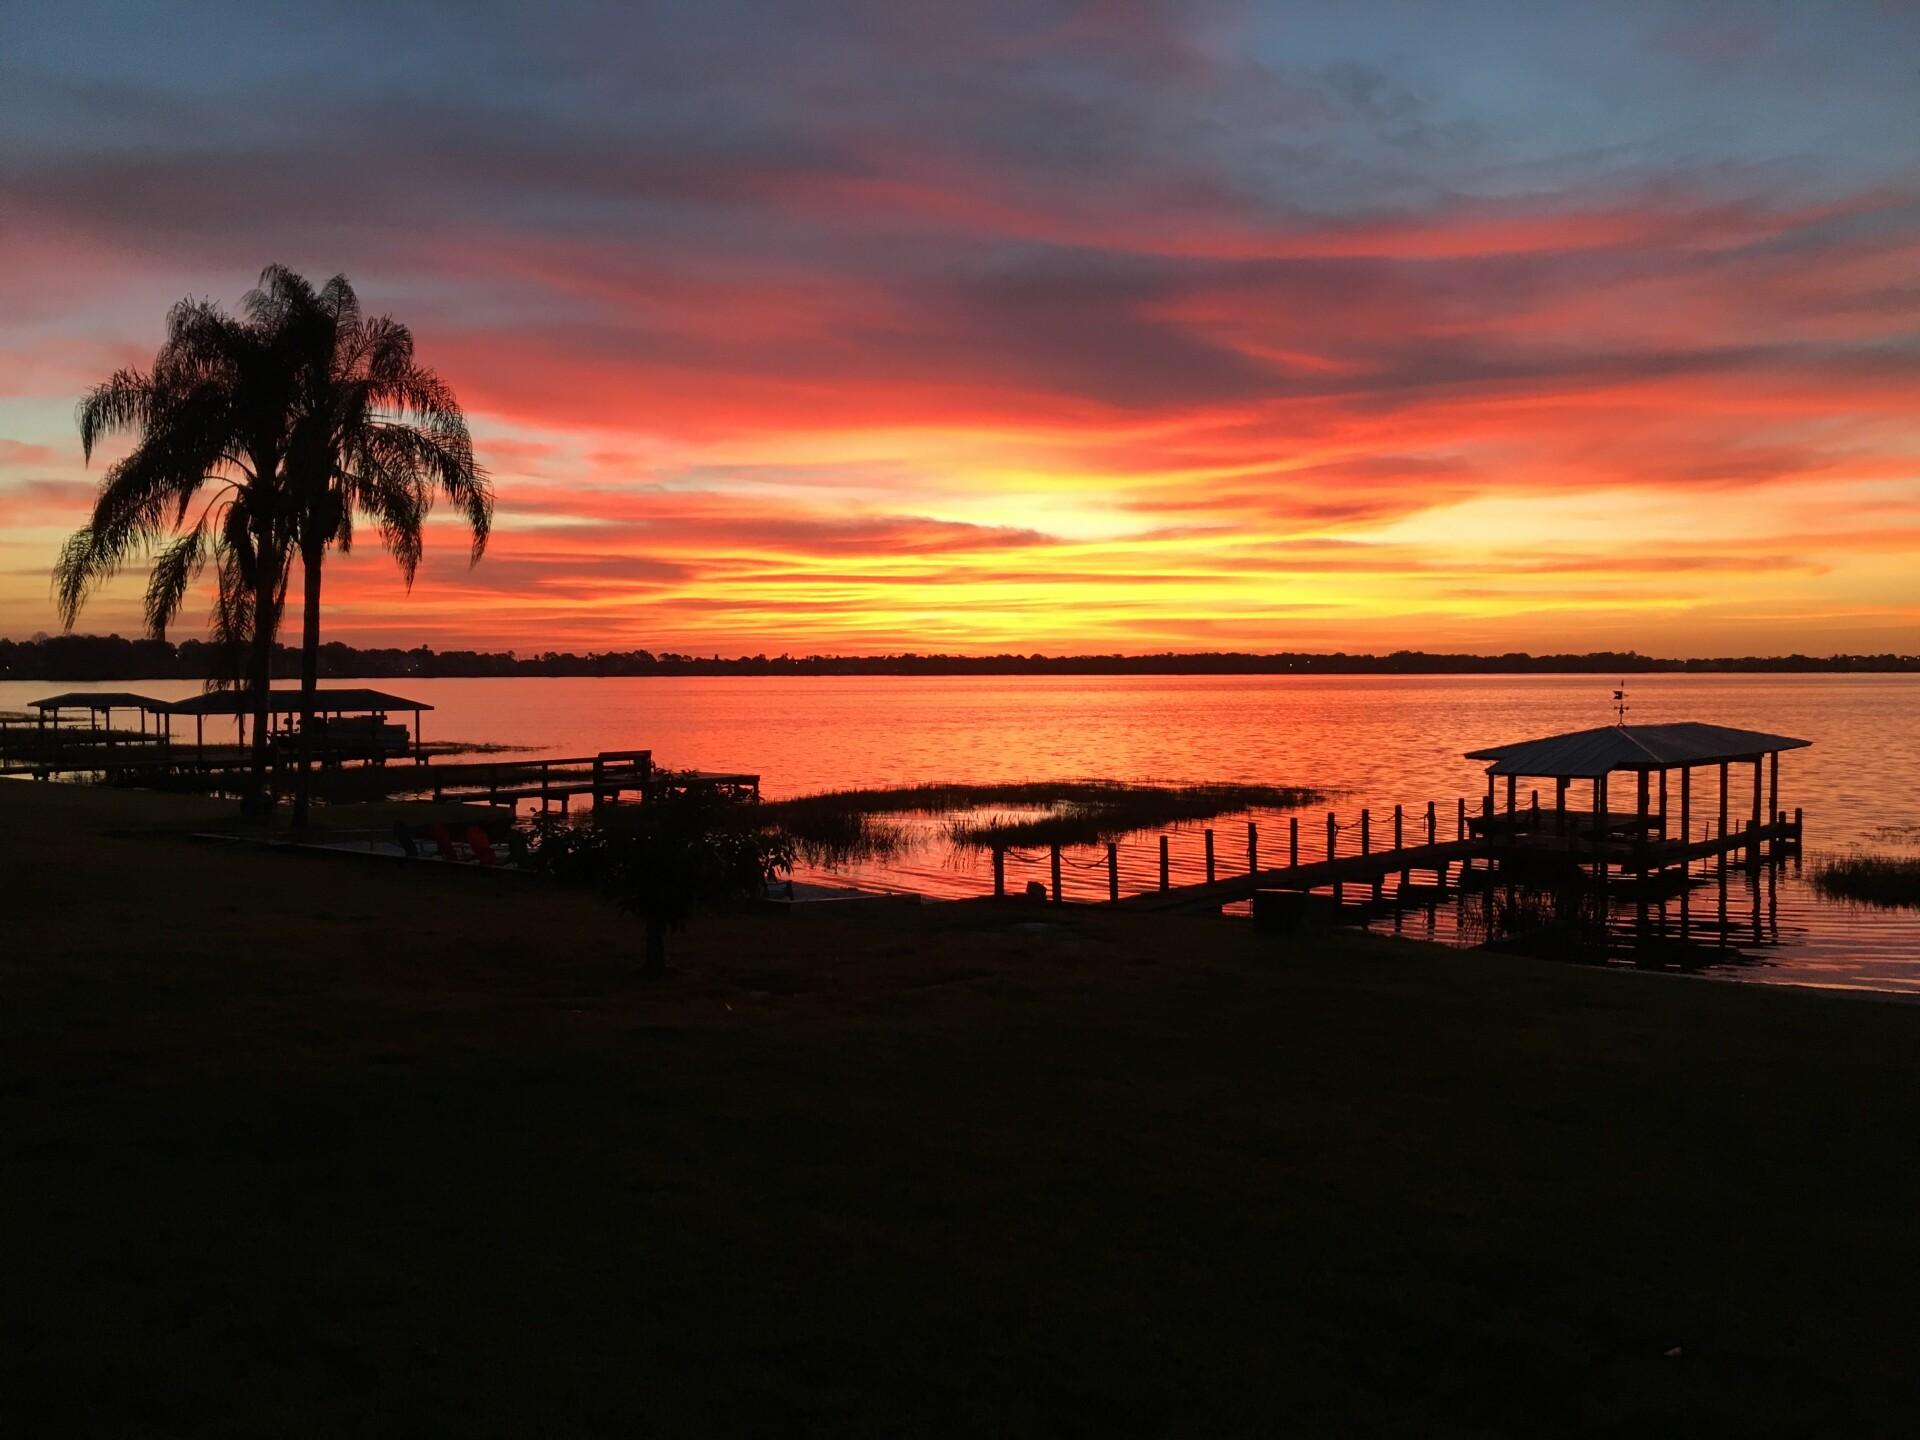 Sunrise on Winterset - Josh Lewis.jpg